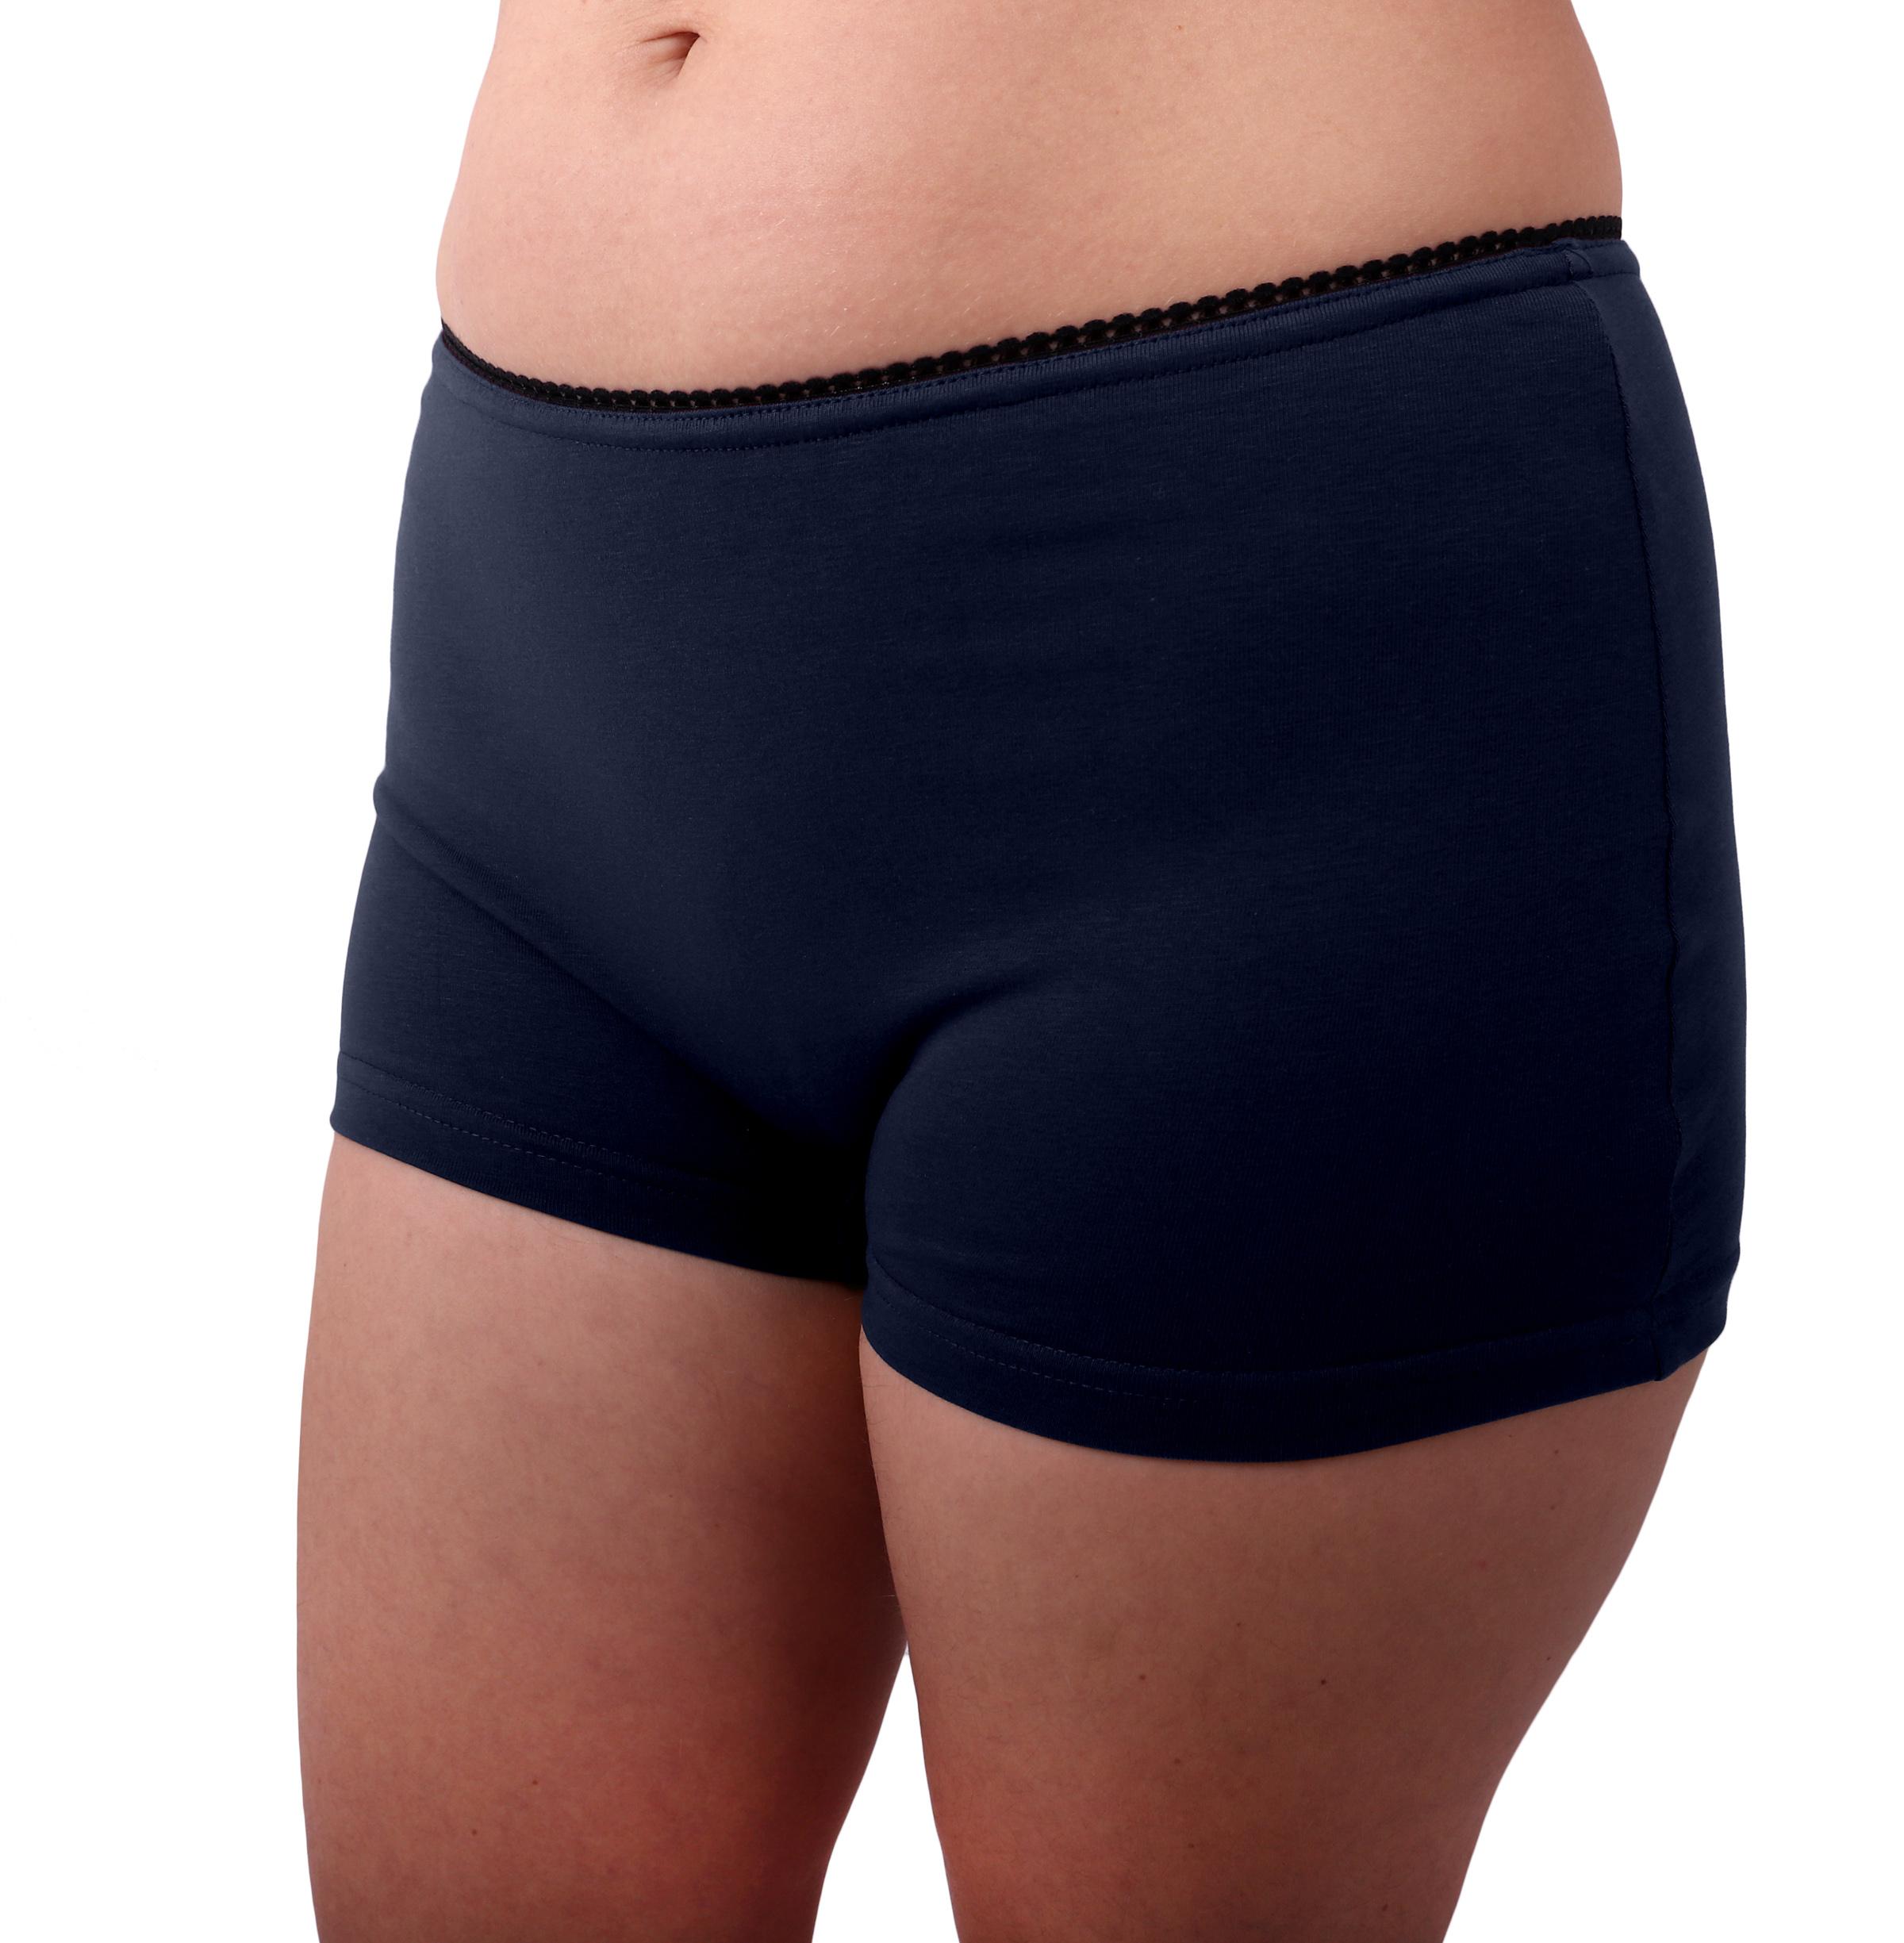 Dámské kalhotky bavlněné, nohavičkové, tmavě modré, 40